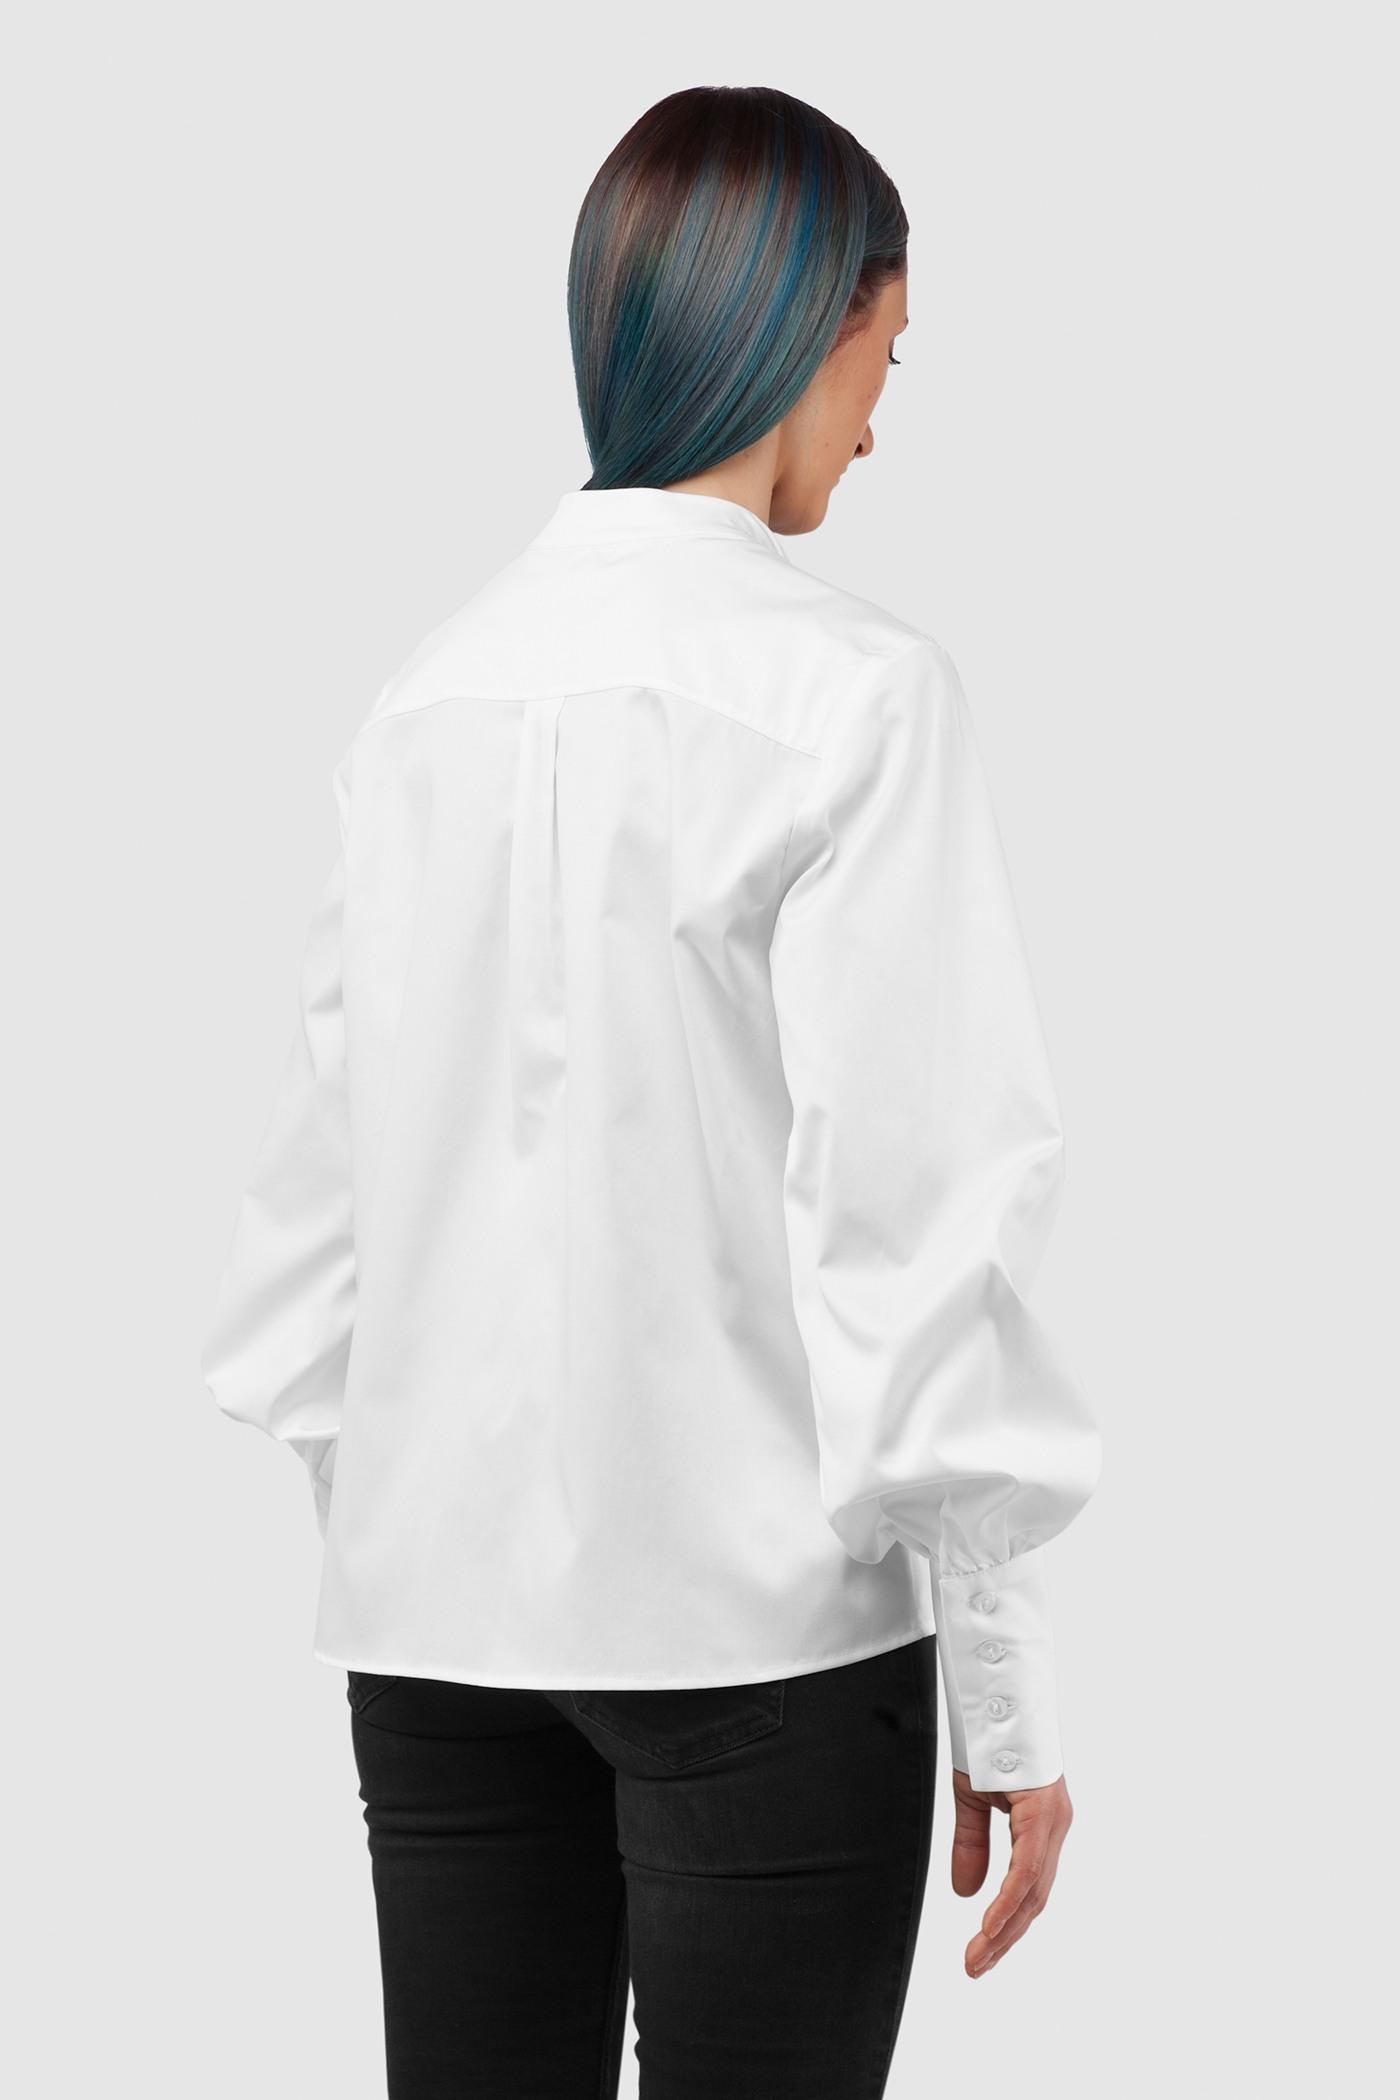 РубашкаРубашка прямого силуэта из 100% хлопка&#13;<br>&#13;<br>Блуза из плотного хлопка с объемными рукавами на широком манжете, создающими образ в викторианском стиле.&#13;<br>&#13;<br>&#13;<br>на спинке кокетка, линия плеча смежена на перед.&#13;<br>&#13;<br>рукав расширенный к низу с притачной широкой манжетой на 4 петлях-пуговицах.&#13;<br>&#13;<br>воротник-стойка под бабочку&#13;<br>&#13;<br>длина по спинке 58 см<br><br>Цвет: Белый, Черный, Васильковый, Красный<br>Размер: XS, S, M